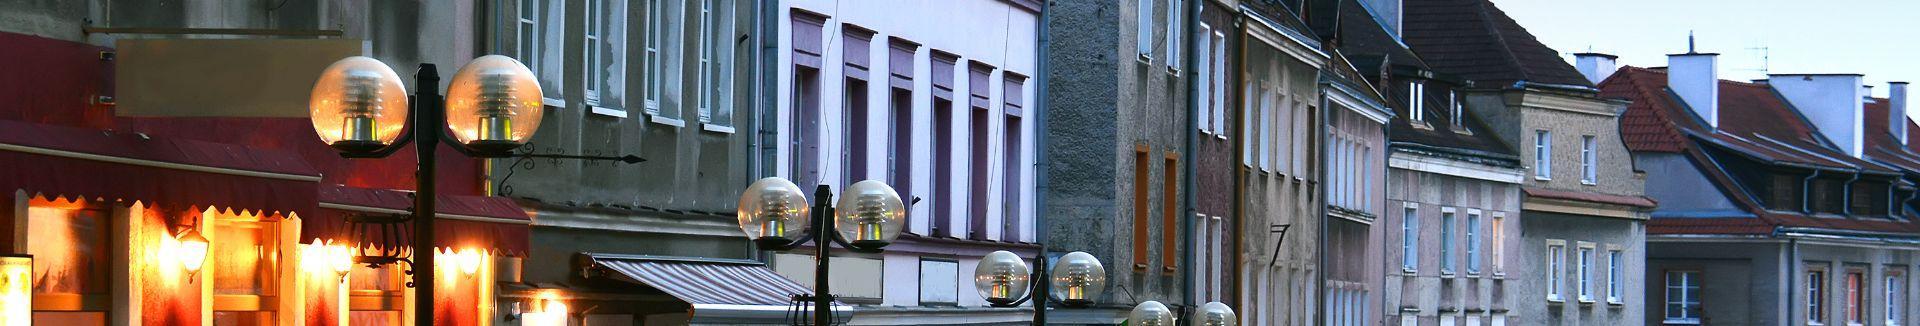 Zdjęcie przedstawia rząd budynków przy ulicy Prostej na olsztyńskim starym mieście. Kamienice mają różne wysokości, kolory elewacji i formy budowy.